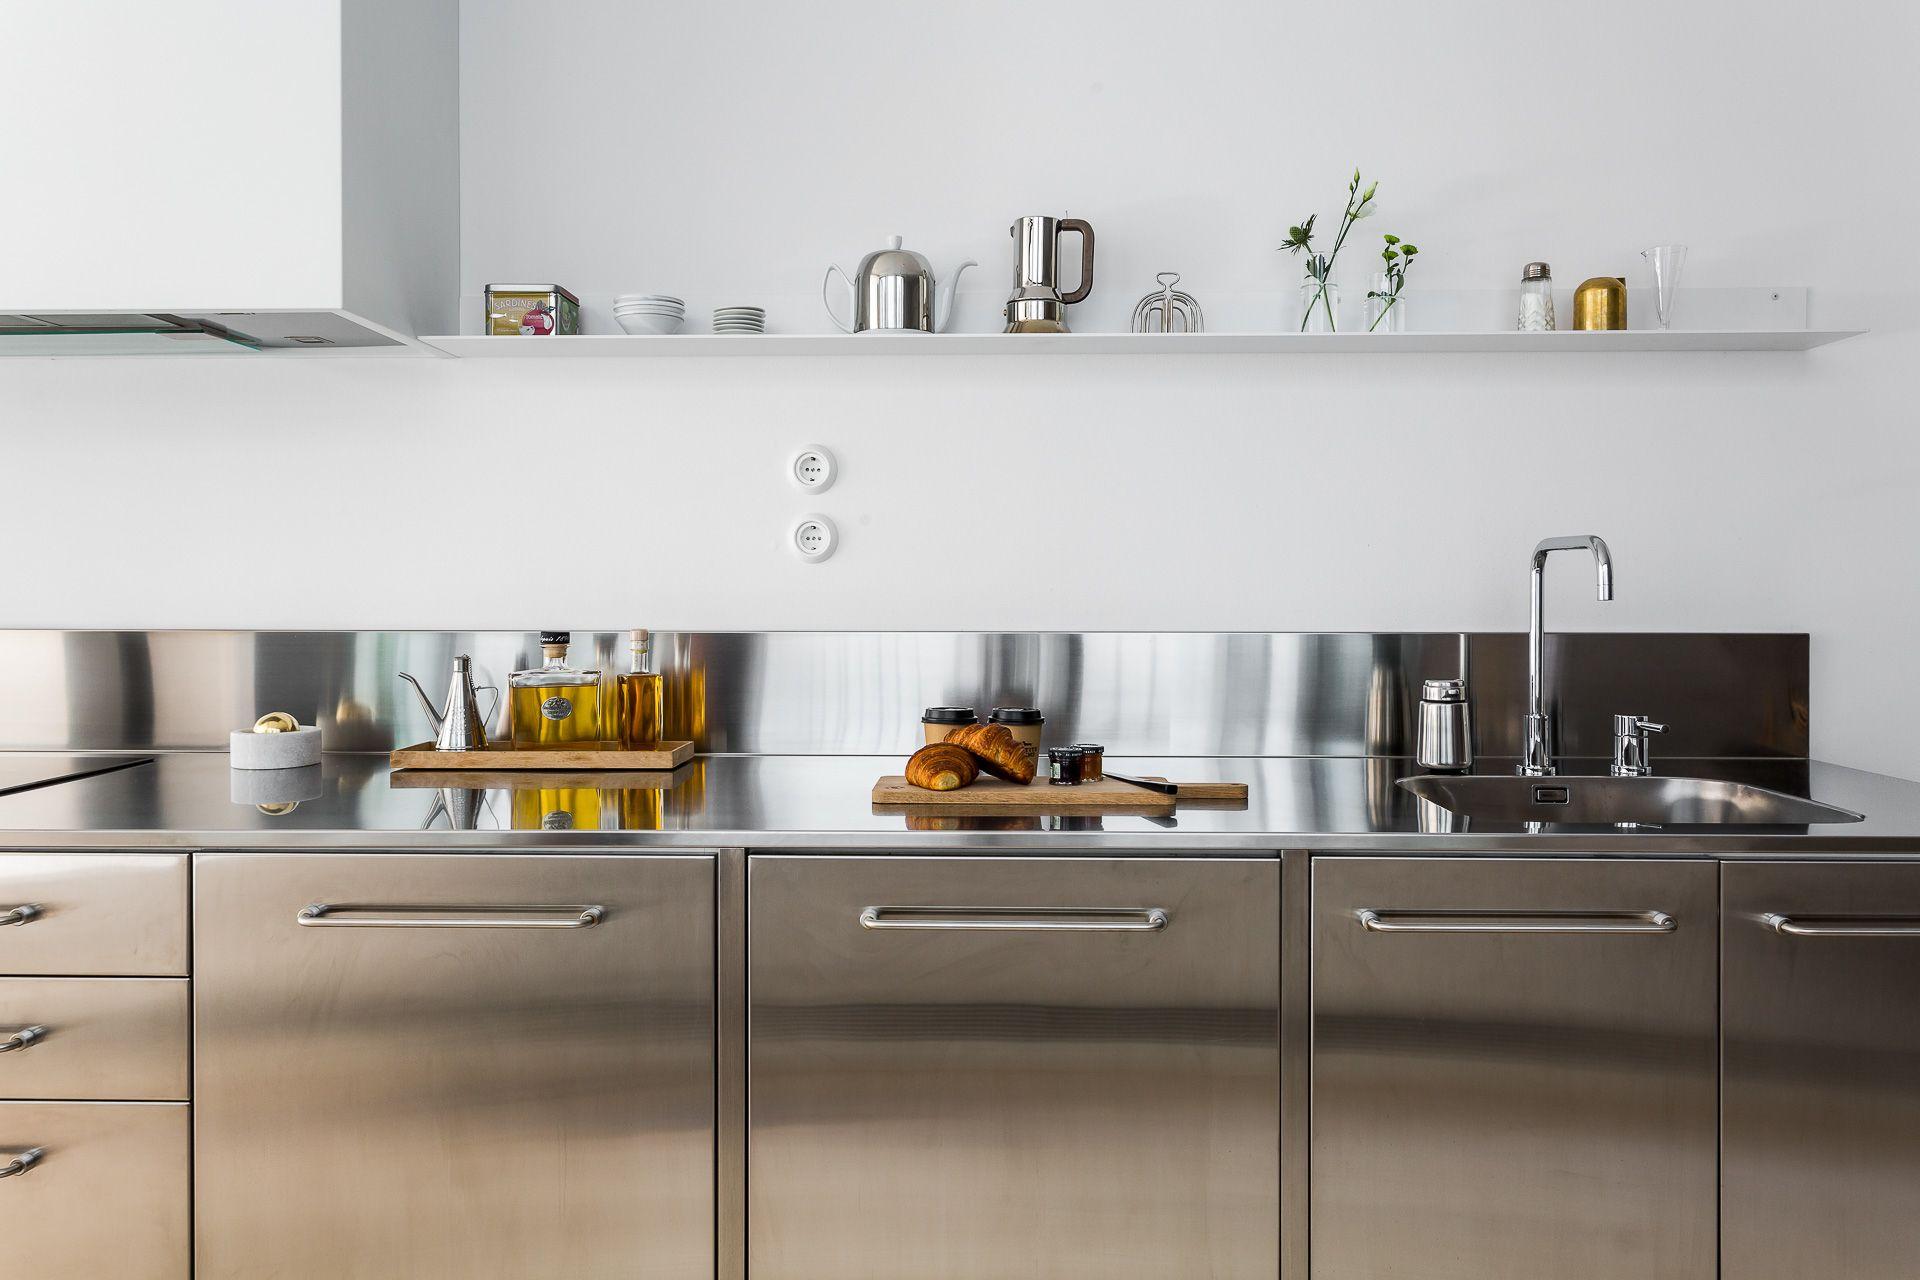 Pingl par sofia stoor sur kitchen plan de travail - Refaire sa cuisine rustique en moderne ...